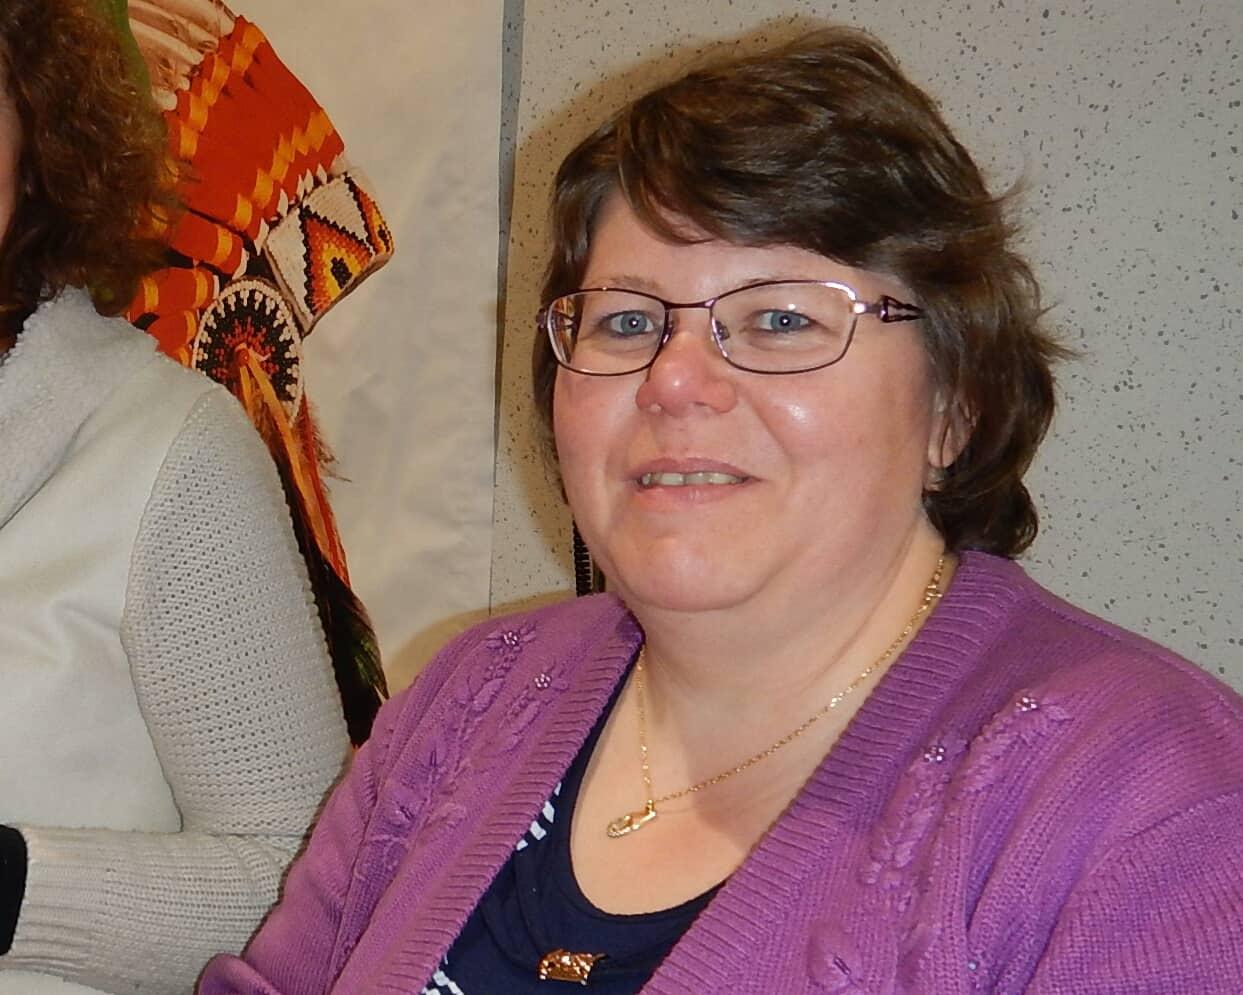 Stéphanie M. était secrétaire administrative au commissariat de Rambouillet - Photo © DDSP78